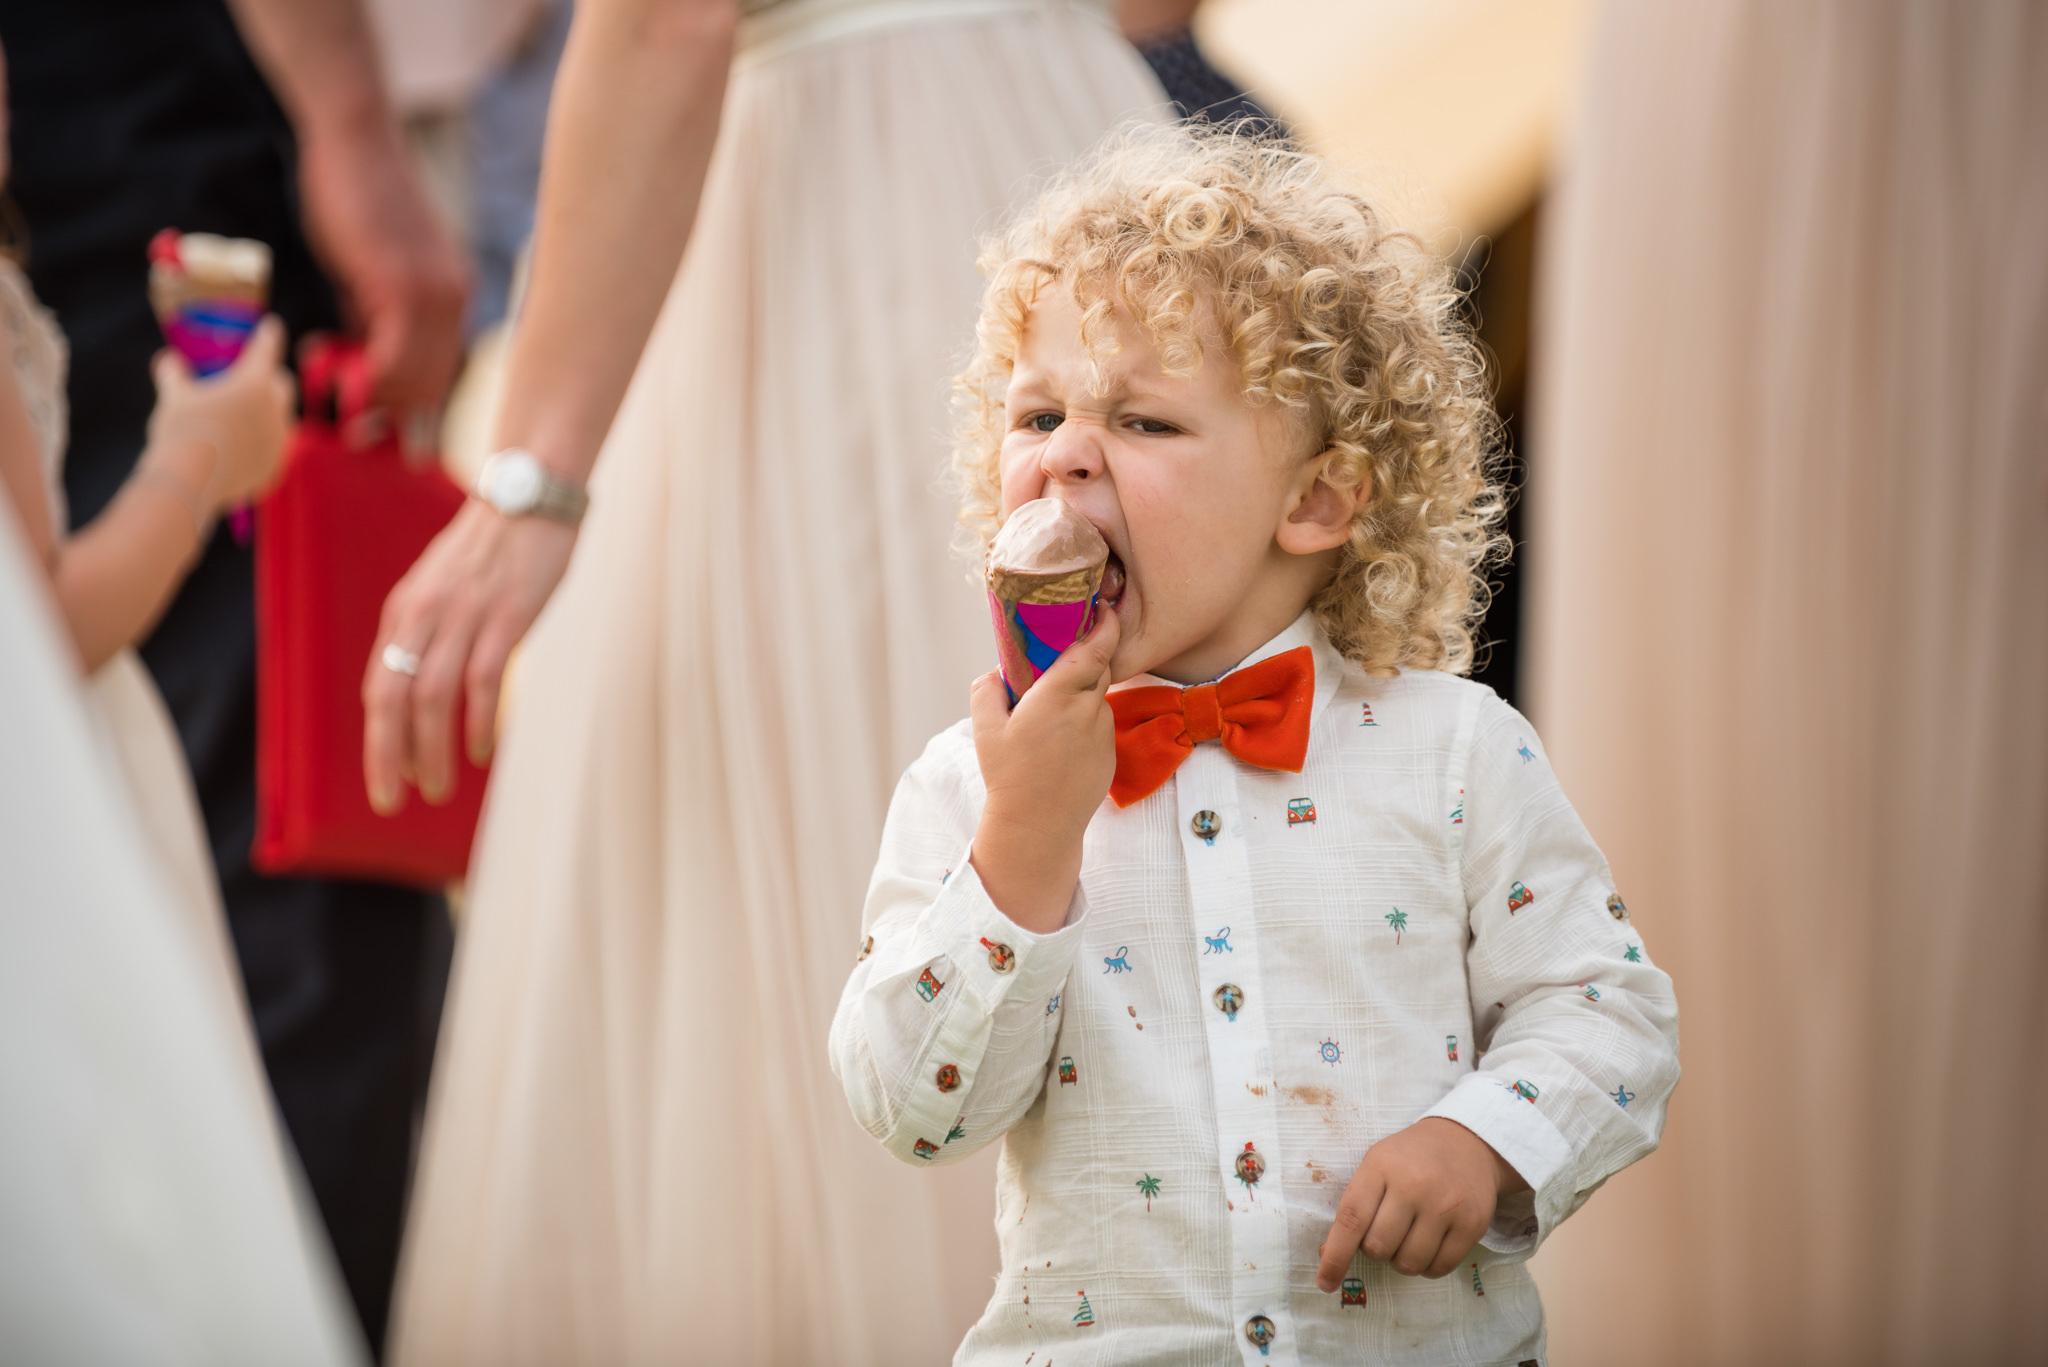 A young boy eats an ice cream dream tipi wedding reception